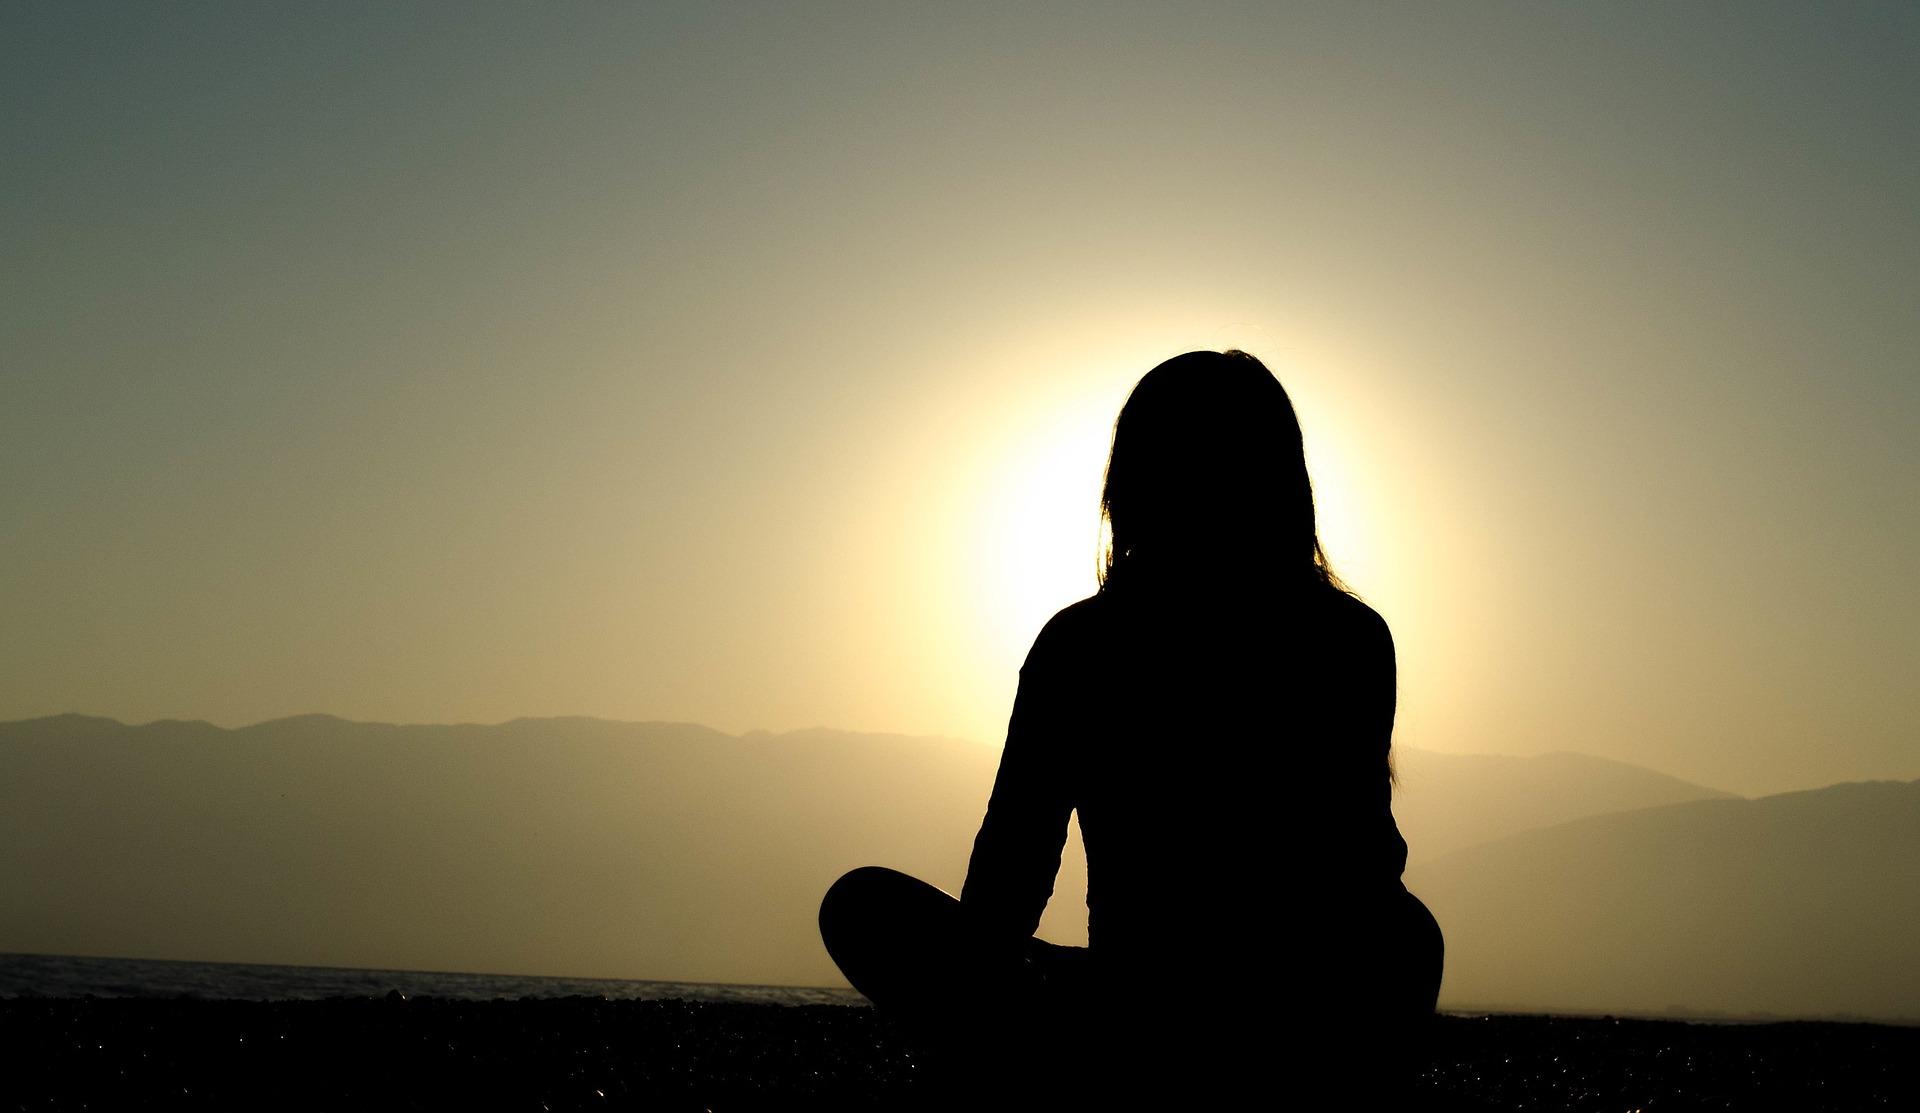 瞑想する人の画像